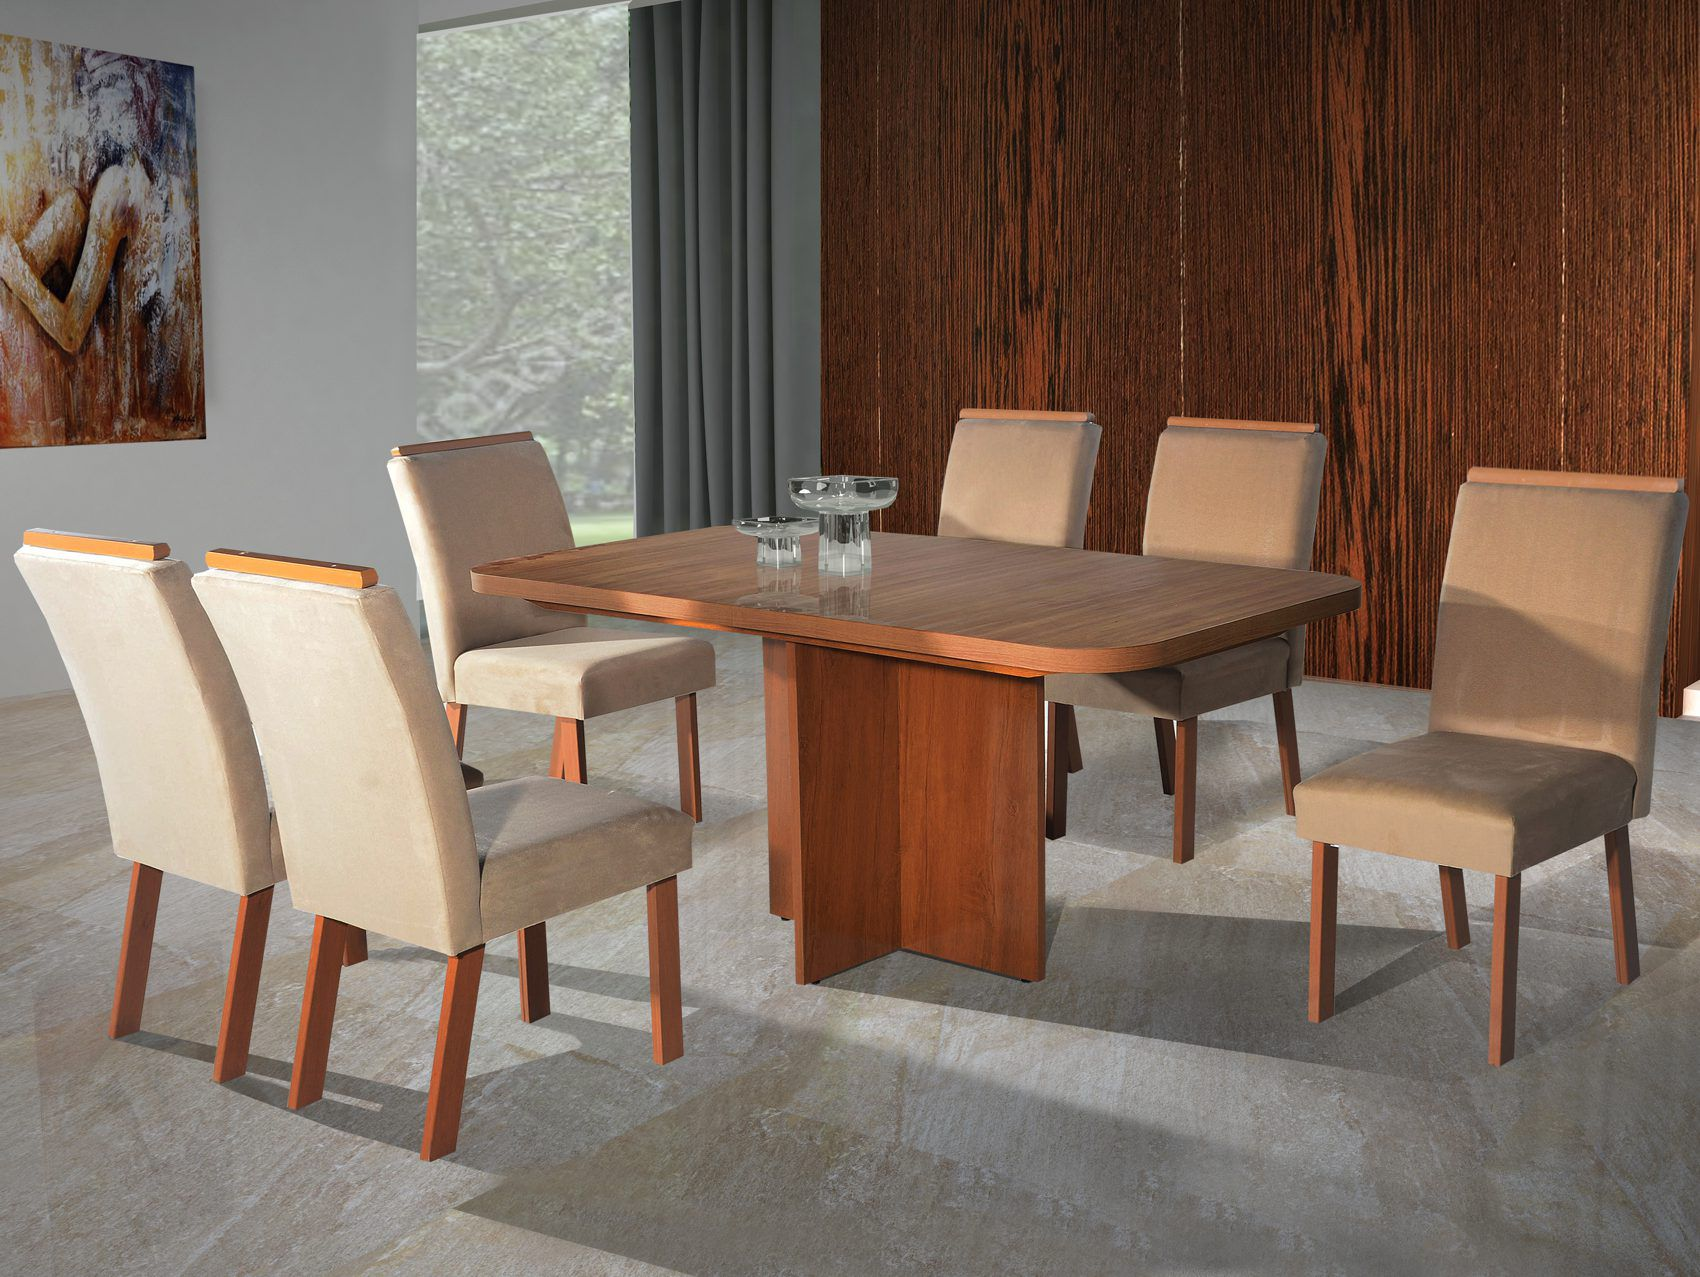 Conjunto Sala de jantar Atenas Tampo MDF 180x90 6 cadeiras Bom Pastor Noce/Freijó